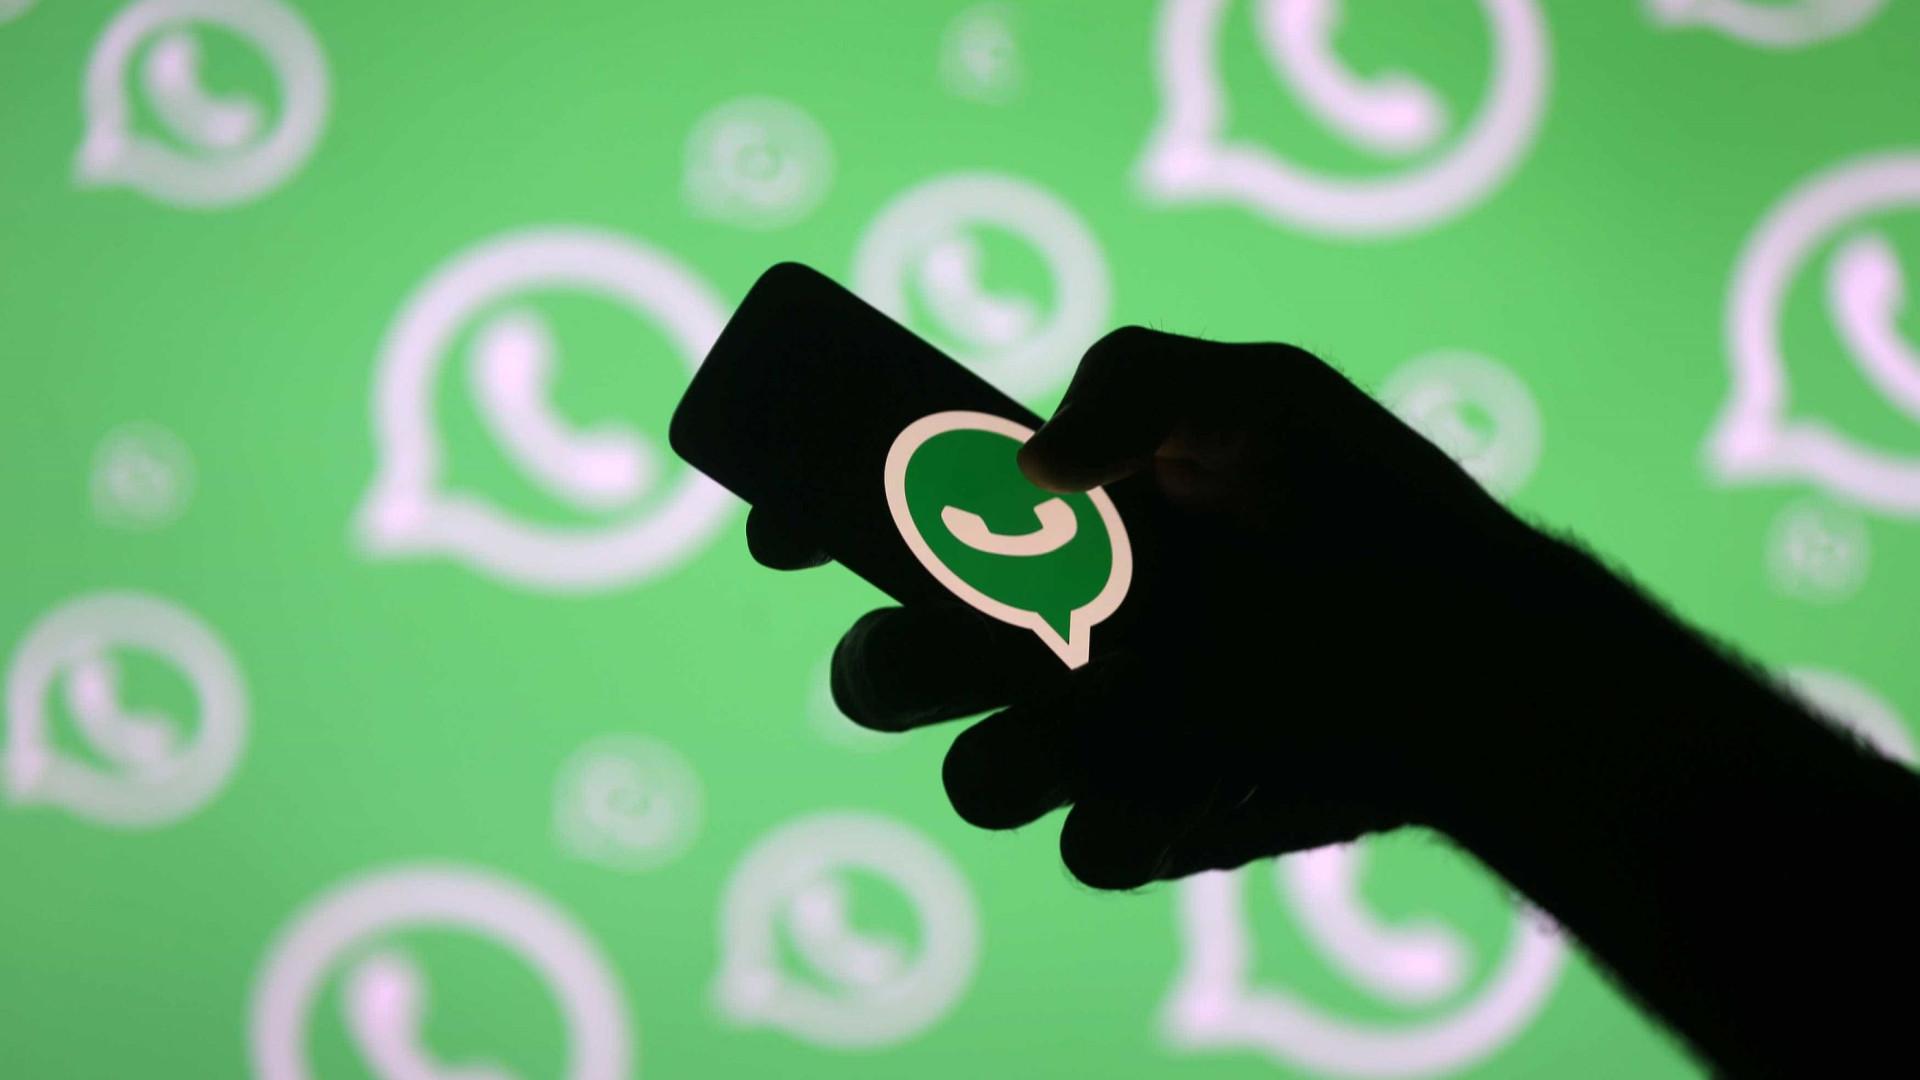 WhatsApp em modo 'tolerância zero' e já há utilizadores banidos